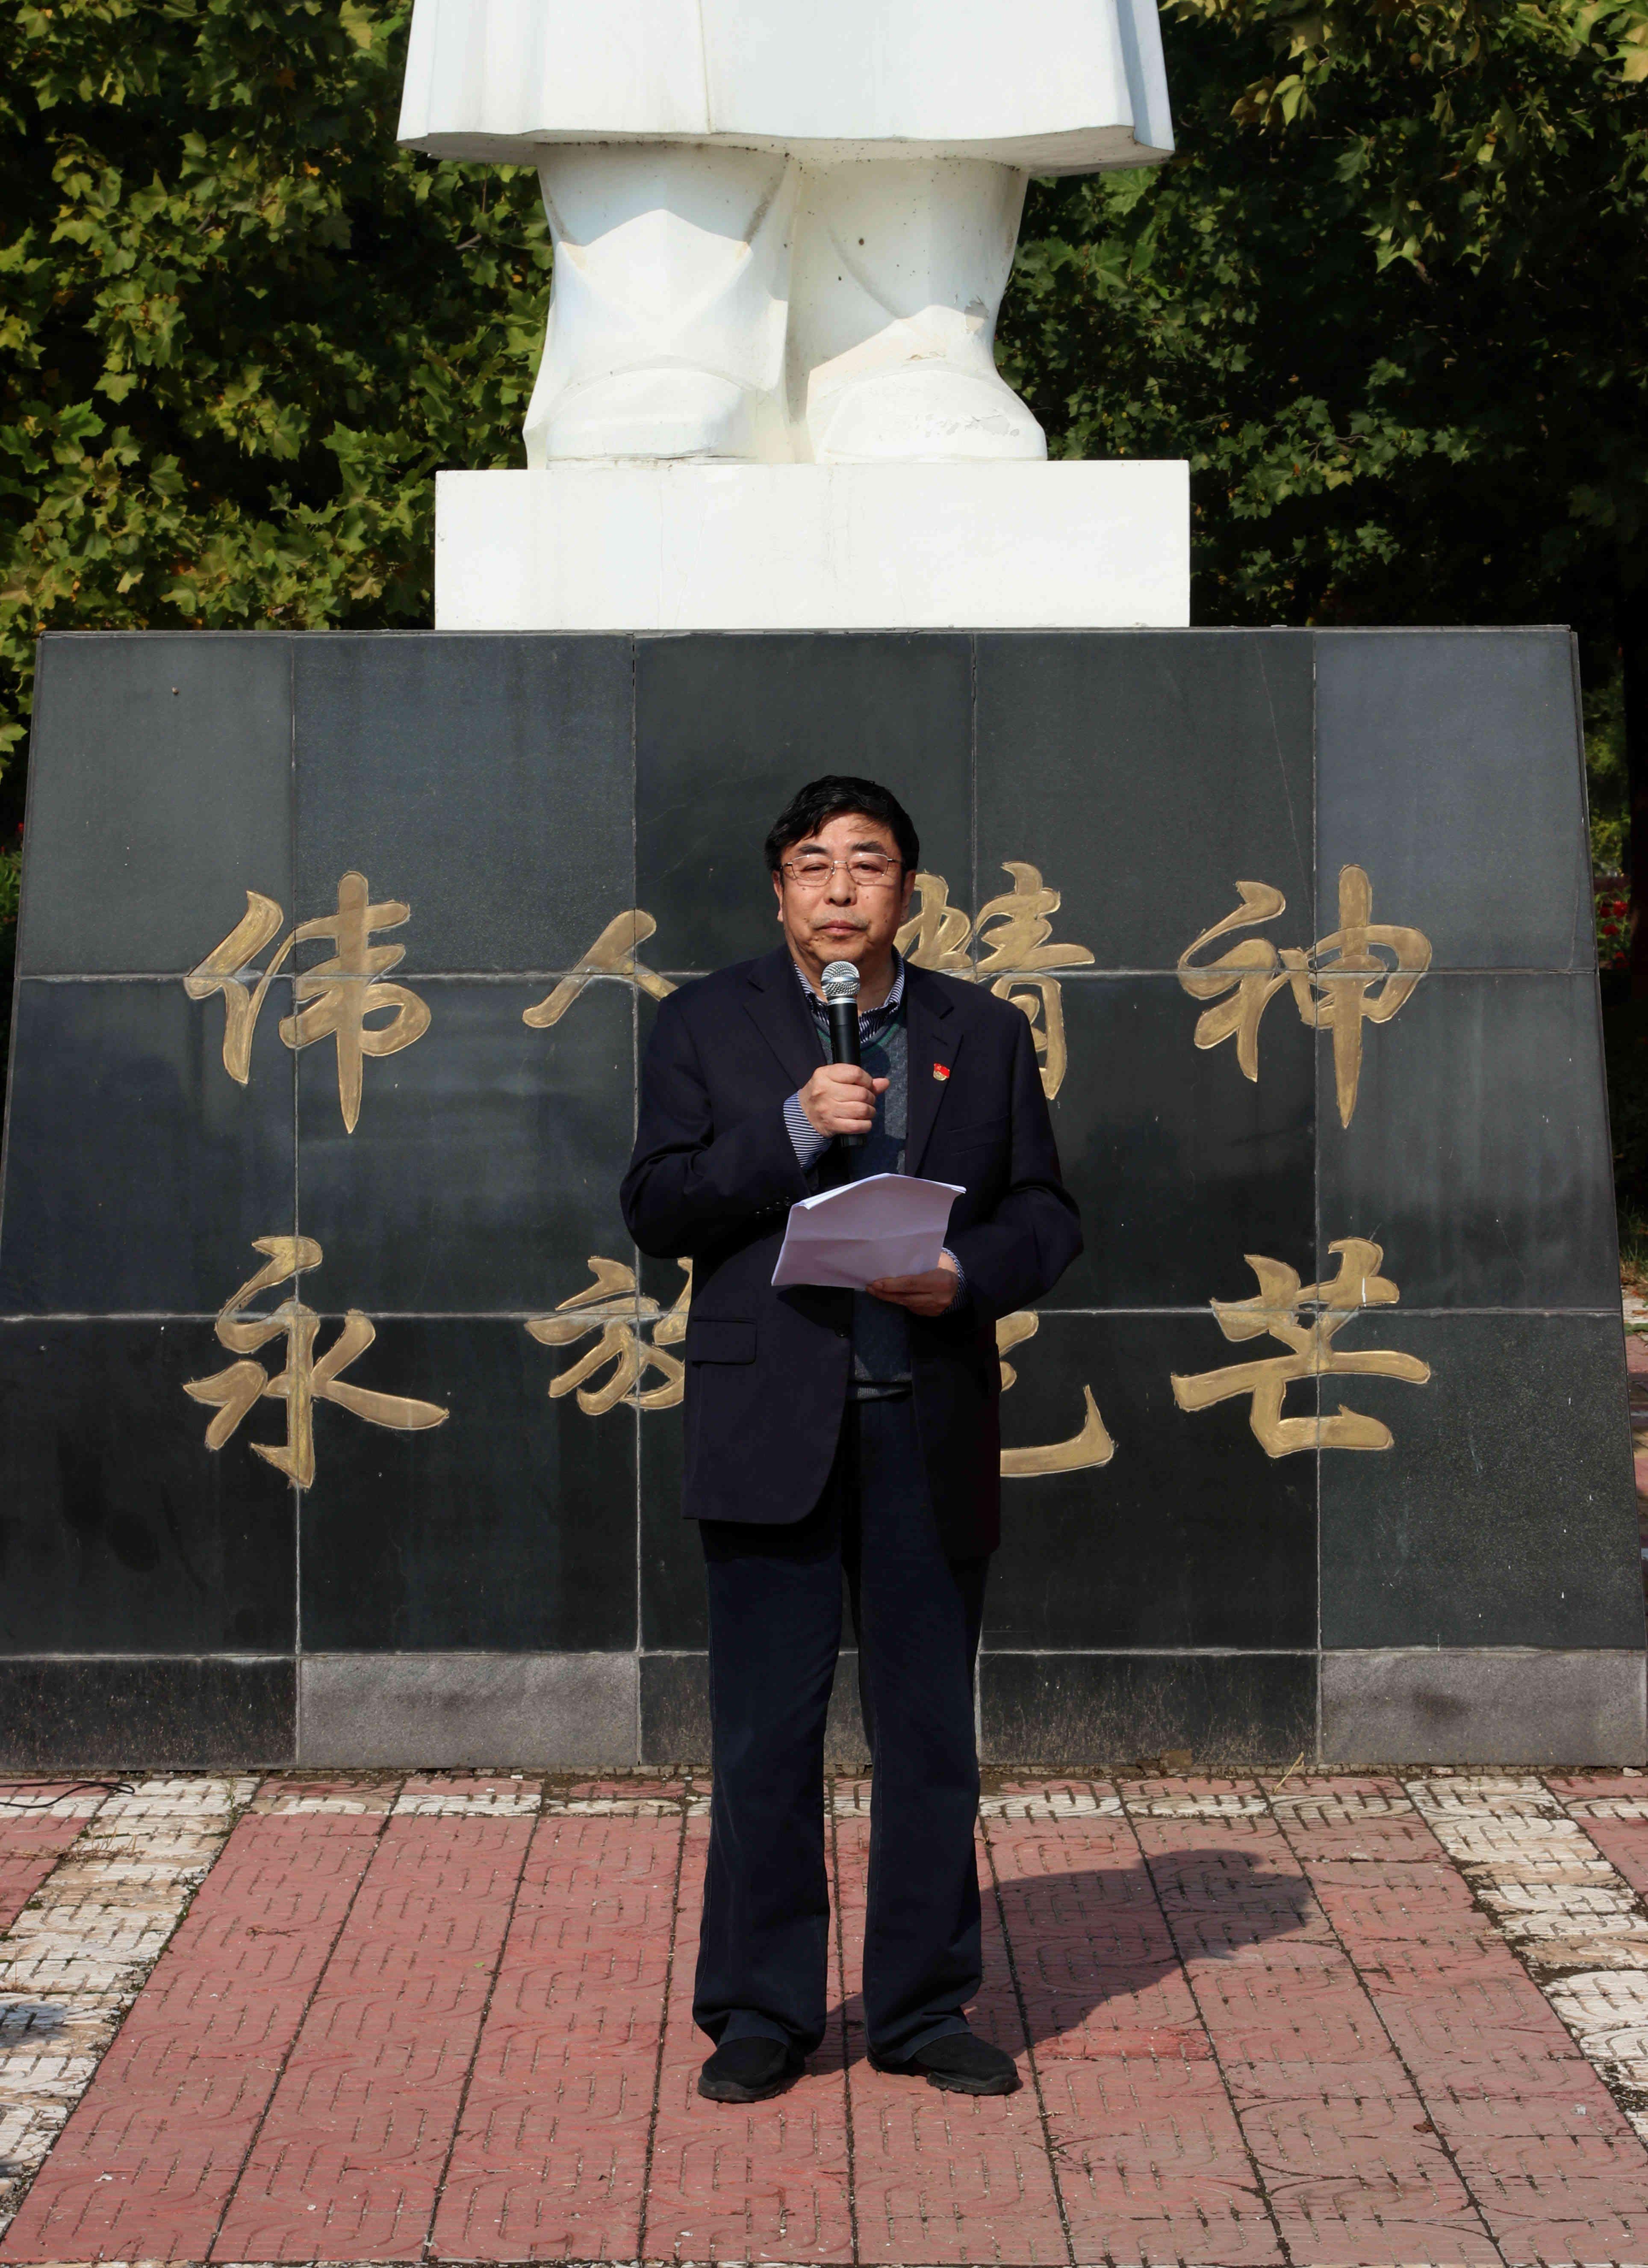 北京经济技术职业学院举行爱国主义教育大讲堂揭牌仪